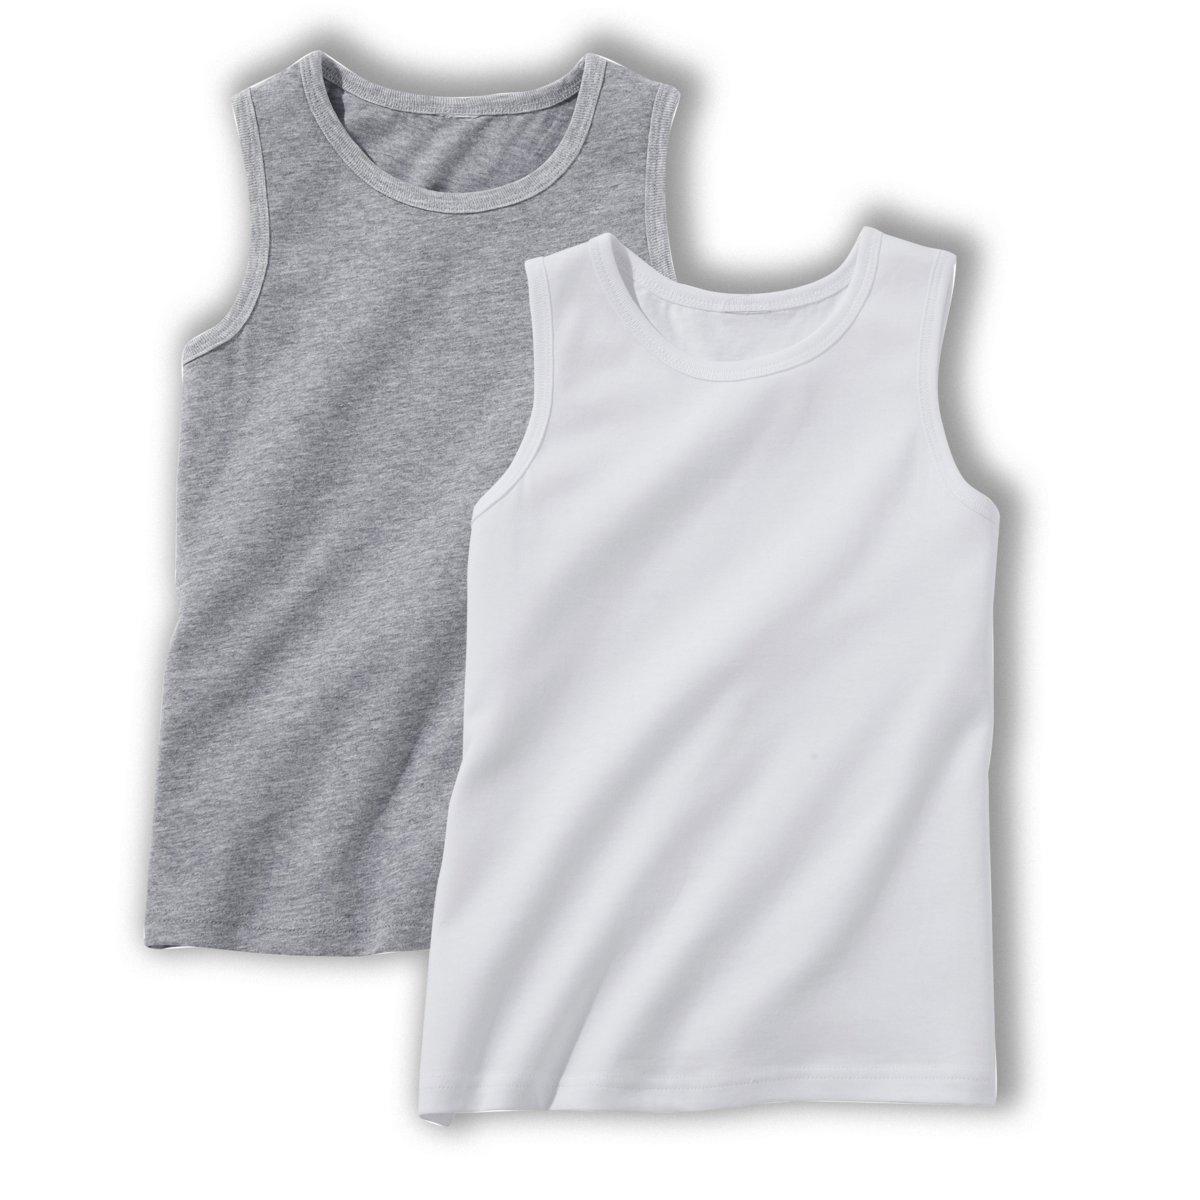 Комплект из 2 однотонных футболок, 3-12 лет